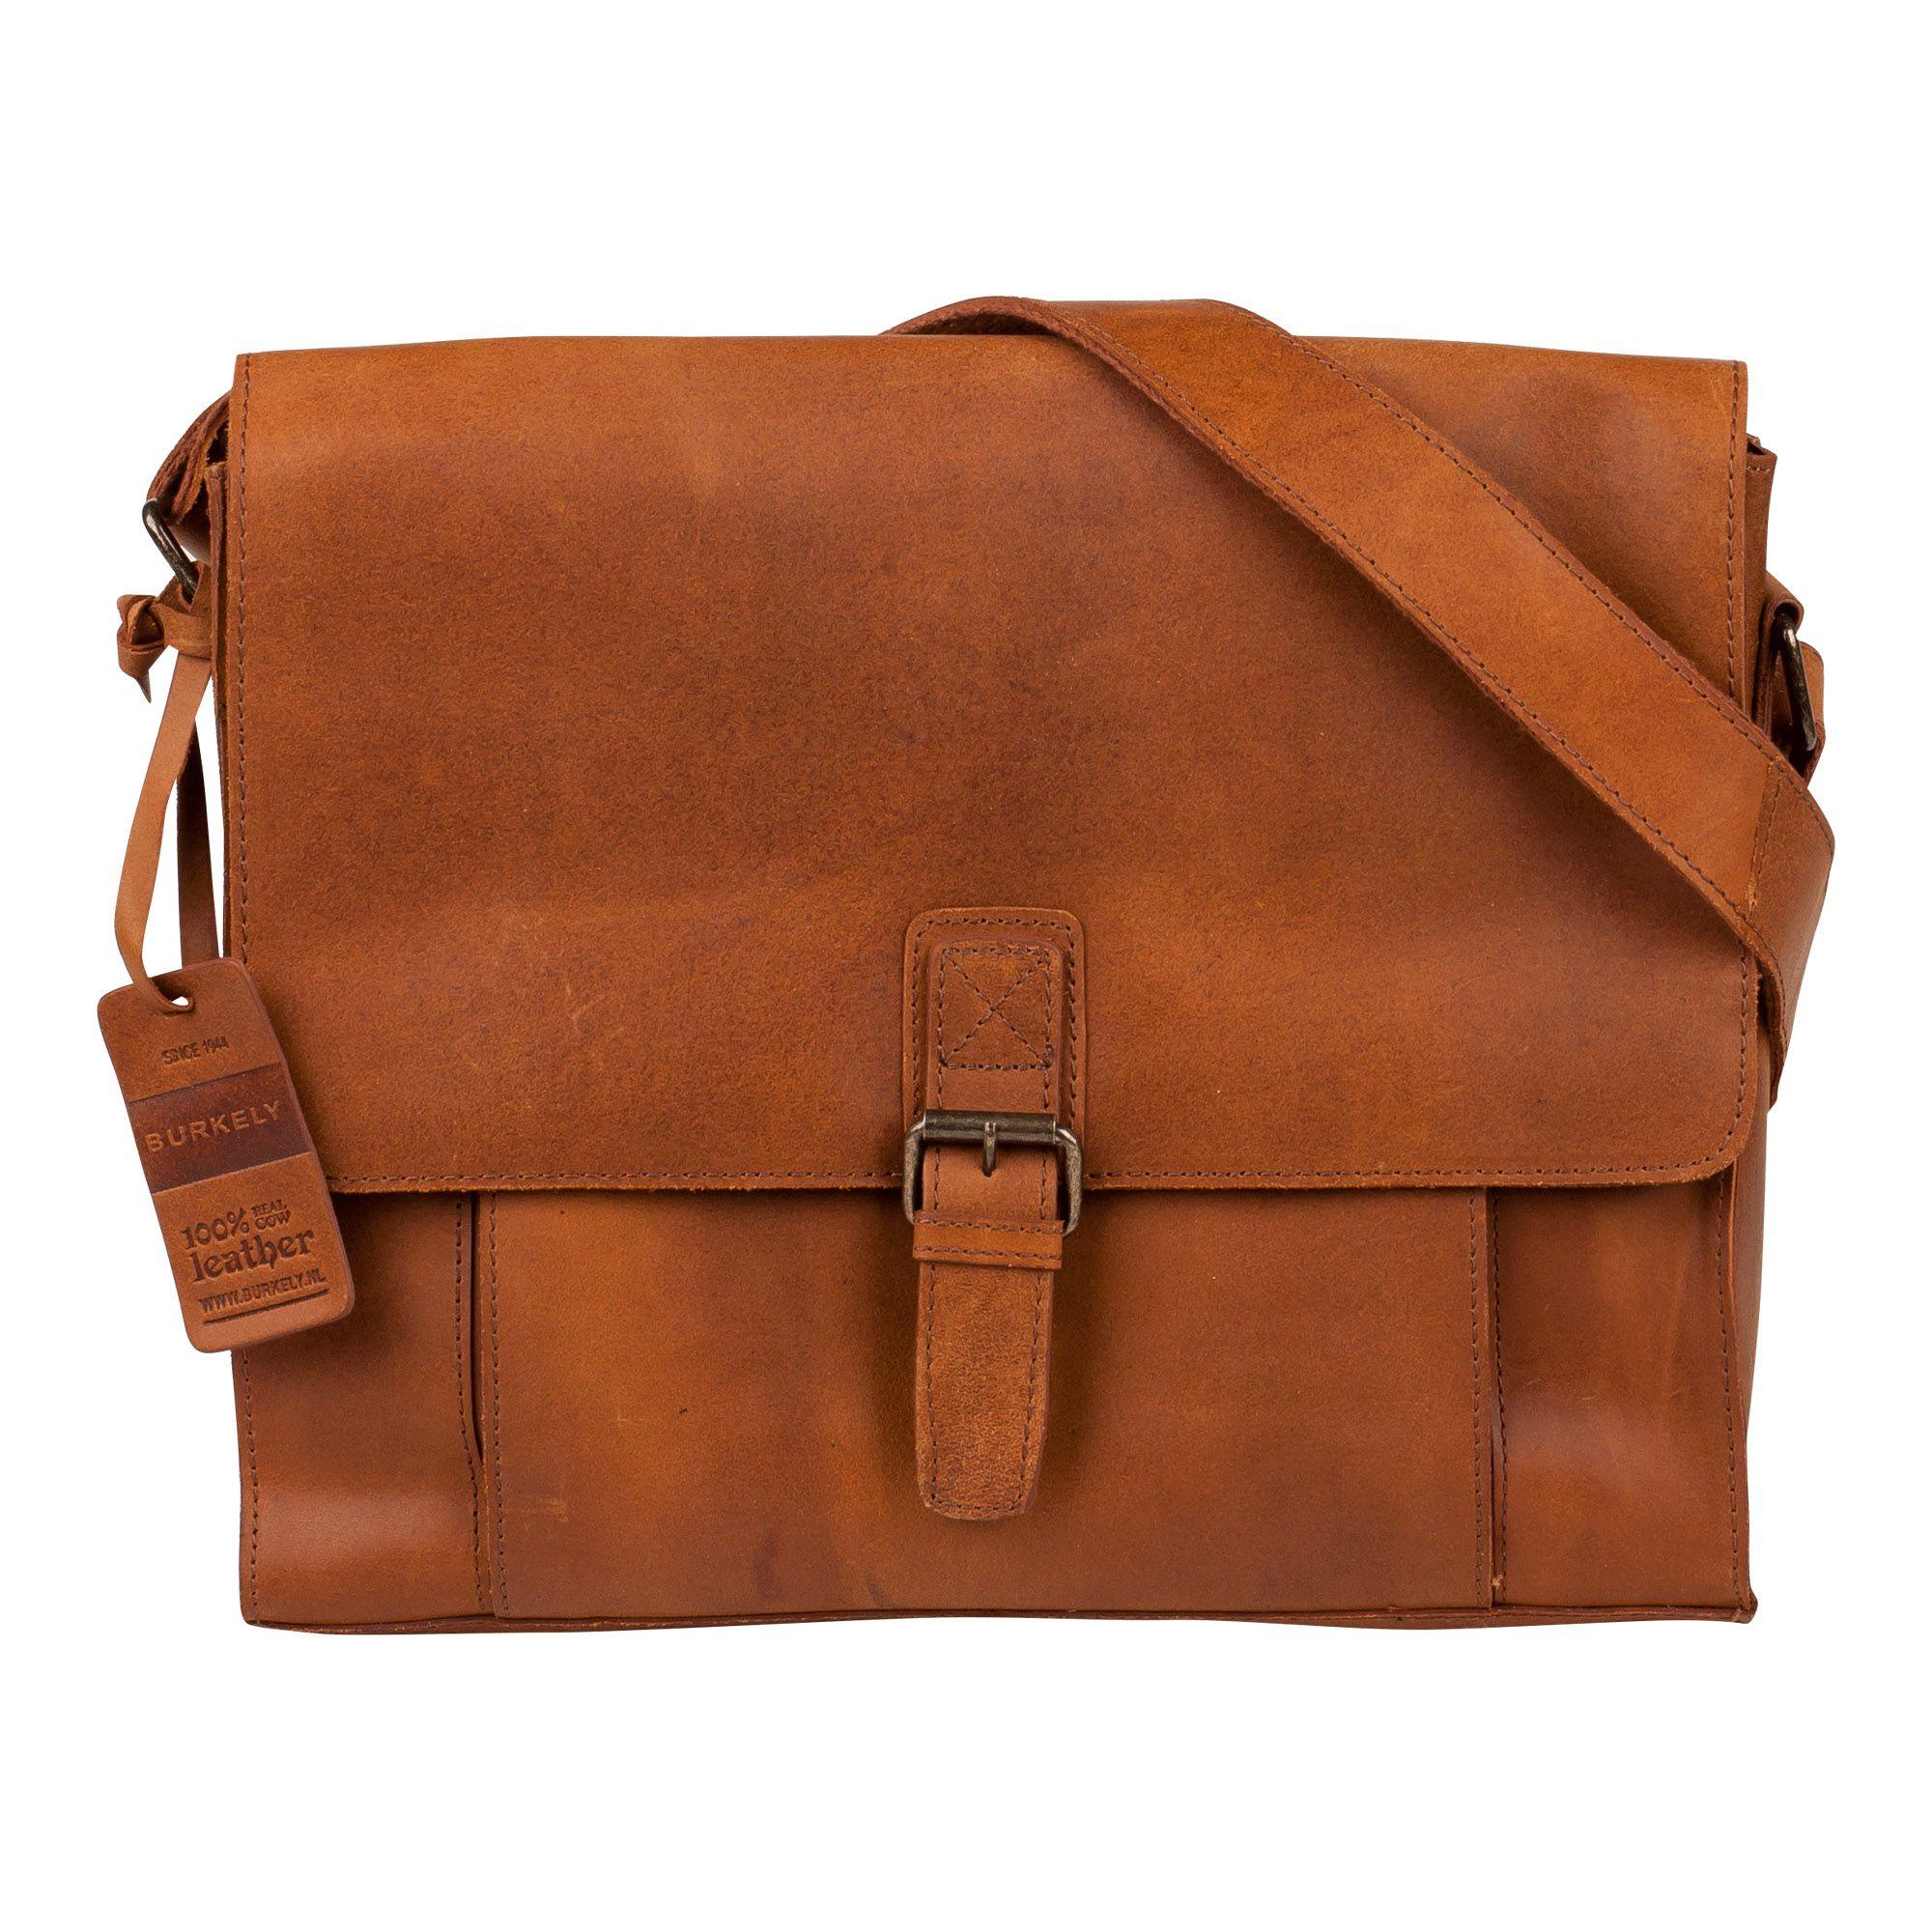 Laptoptas Burkely Mick Vintage Shoulderbag Cognac 13 inch